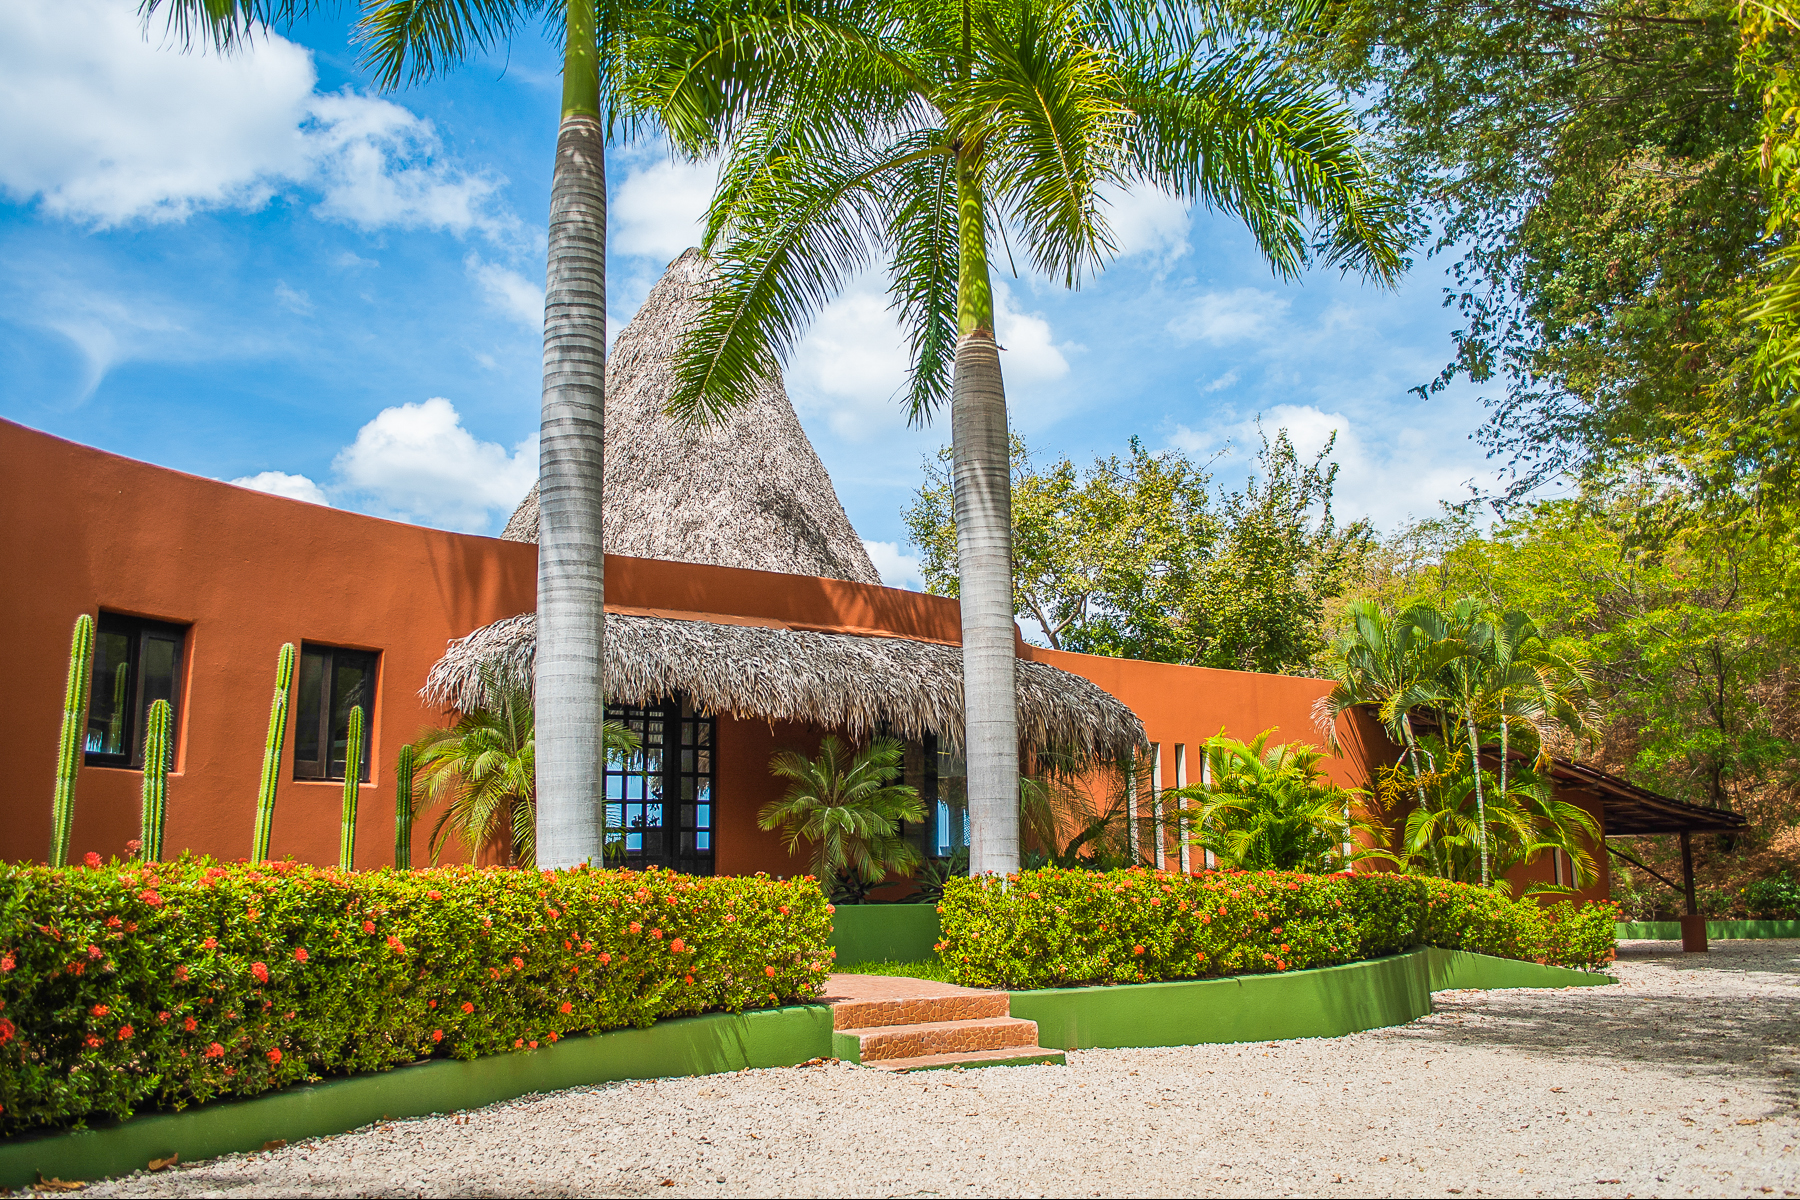 独户住宅 为 销售 在 Casa Sueños Other Guanacaste, 瓜那卡斯特 50308 哥斯达黎加